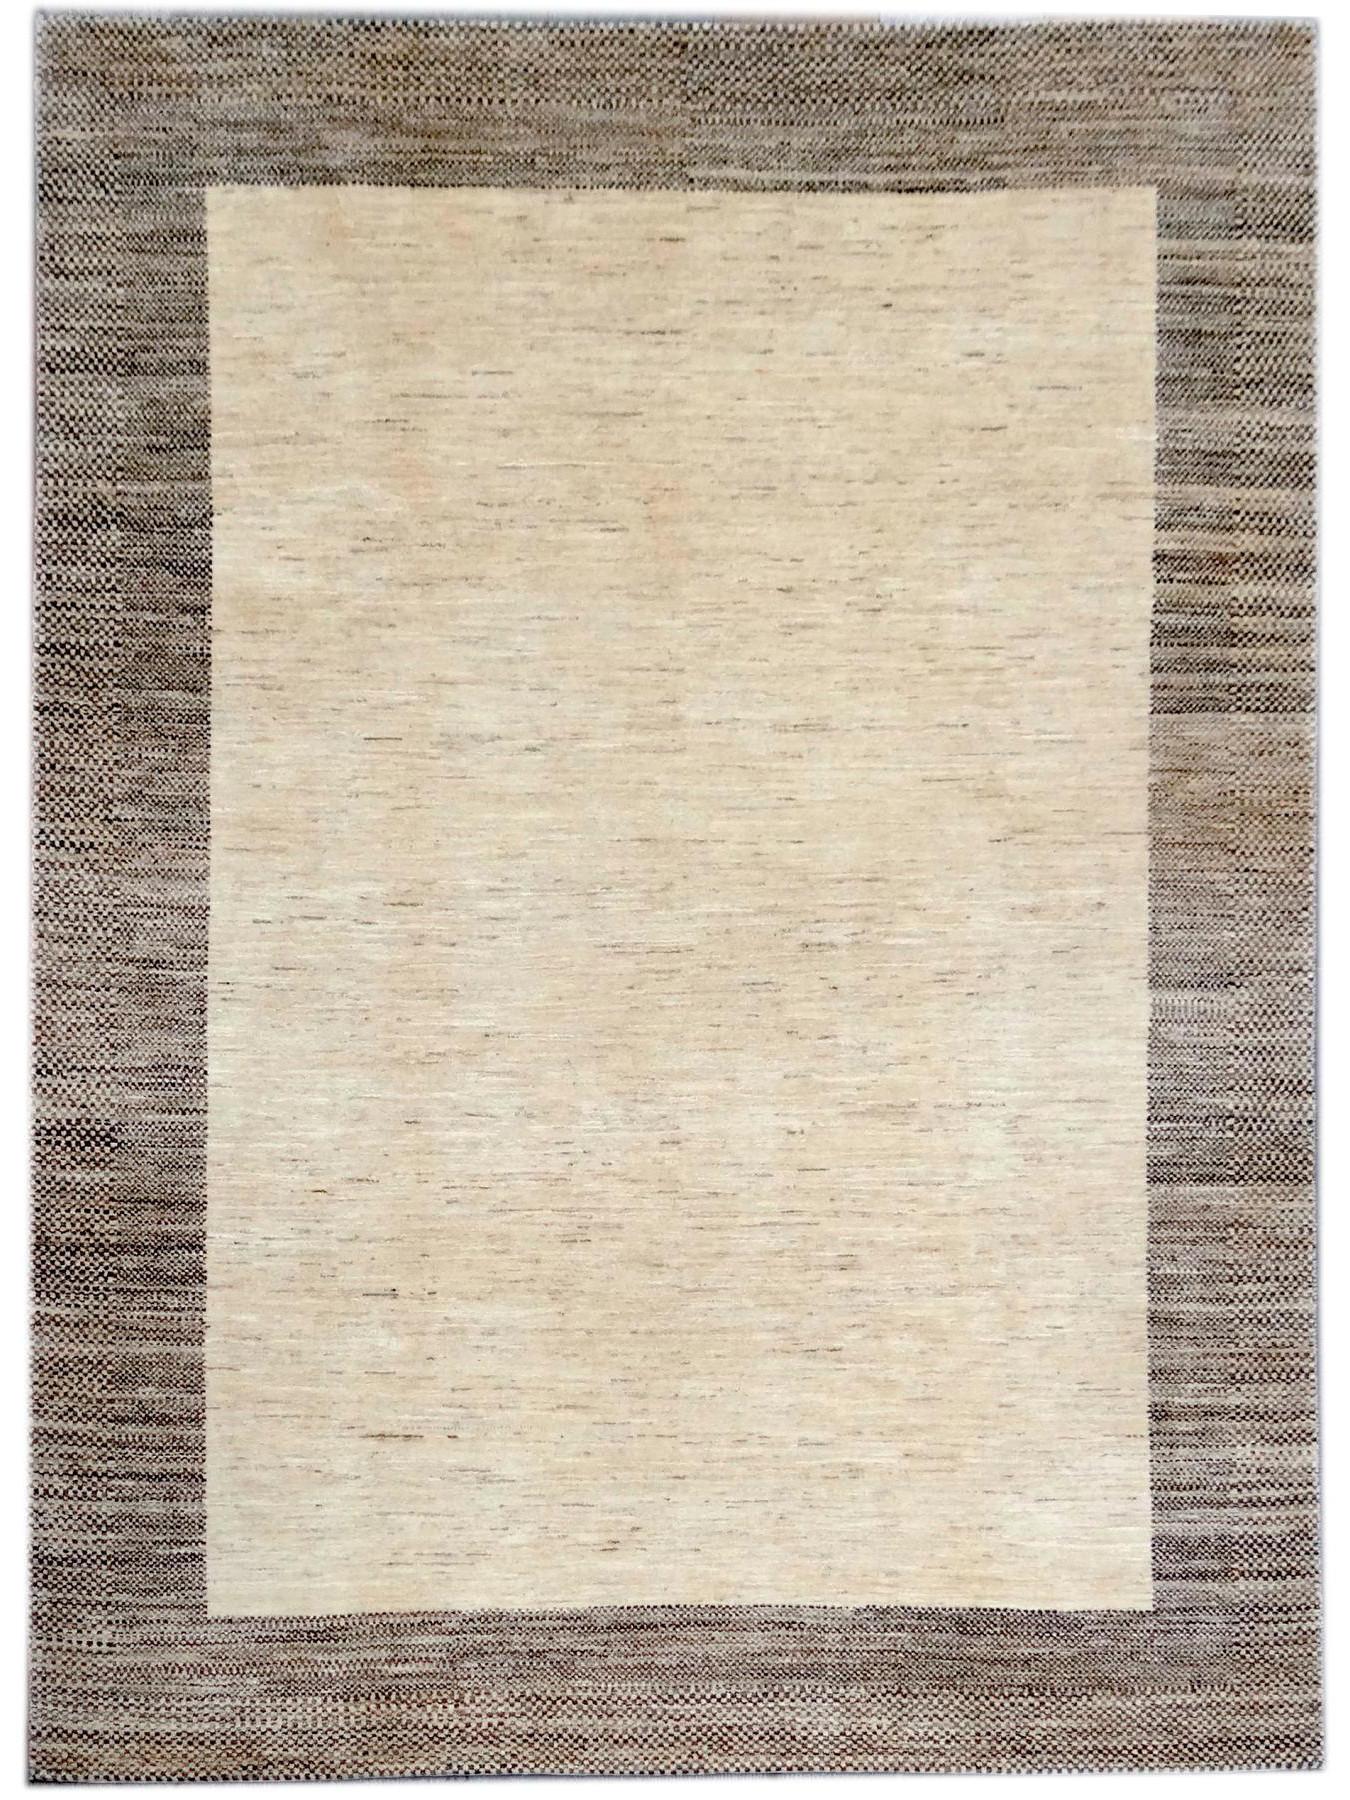 Etnische tapijten - TIMUR-EMOTION HNF003 5655